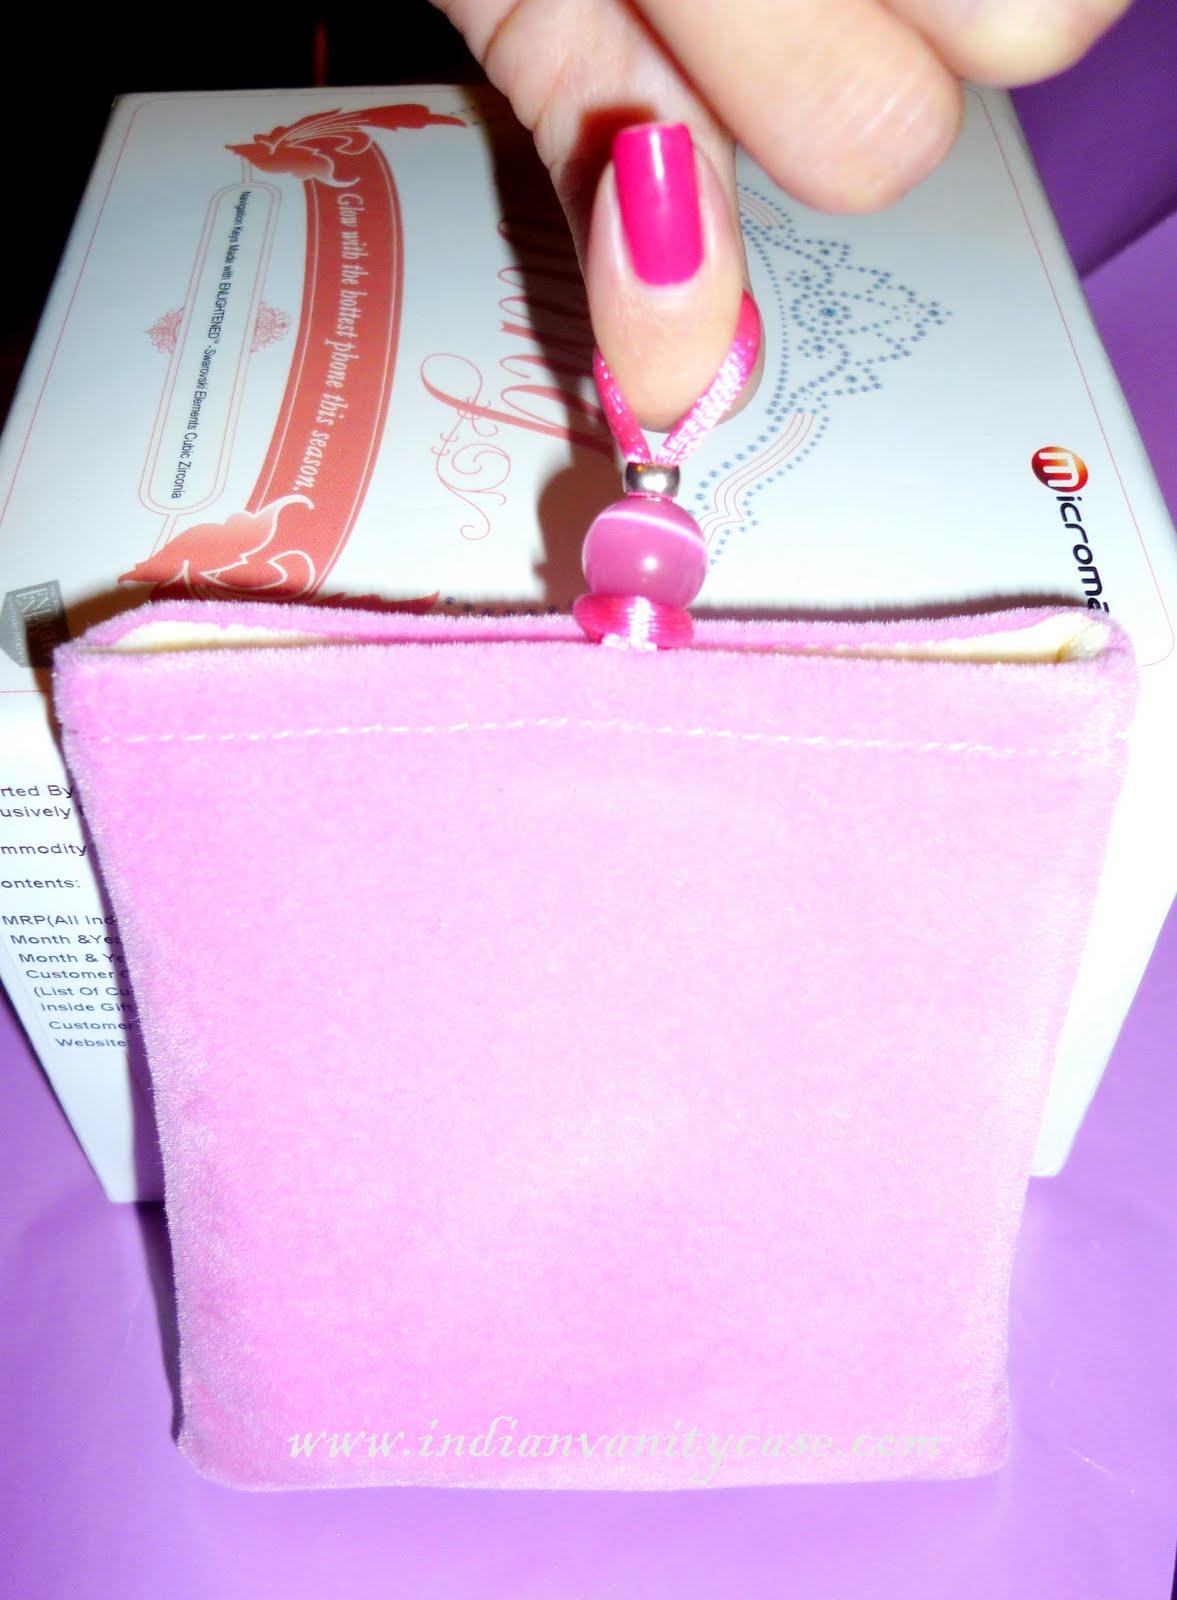 http://2.bp.blogspot.com/_K-Xz3c9hTQc/TCODHmmajXI/AAAAAAAACfs/UB0YMGlTLyg/s1600/Micromax+bling+velvet+pouch.jpg